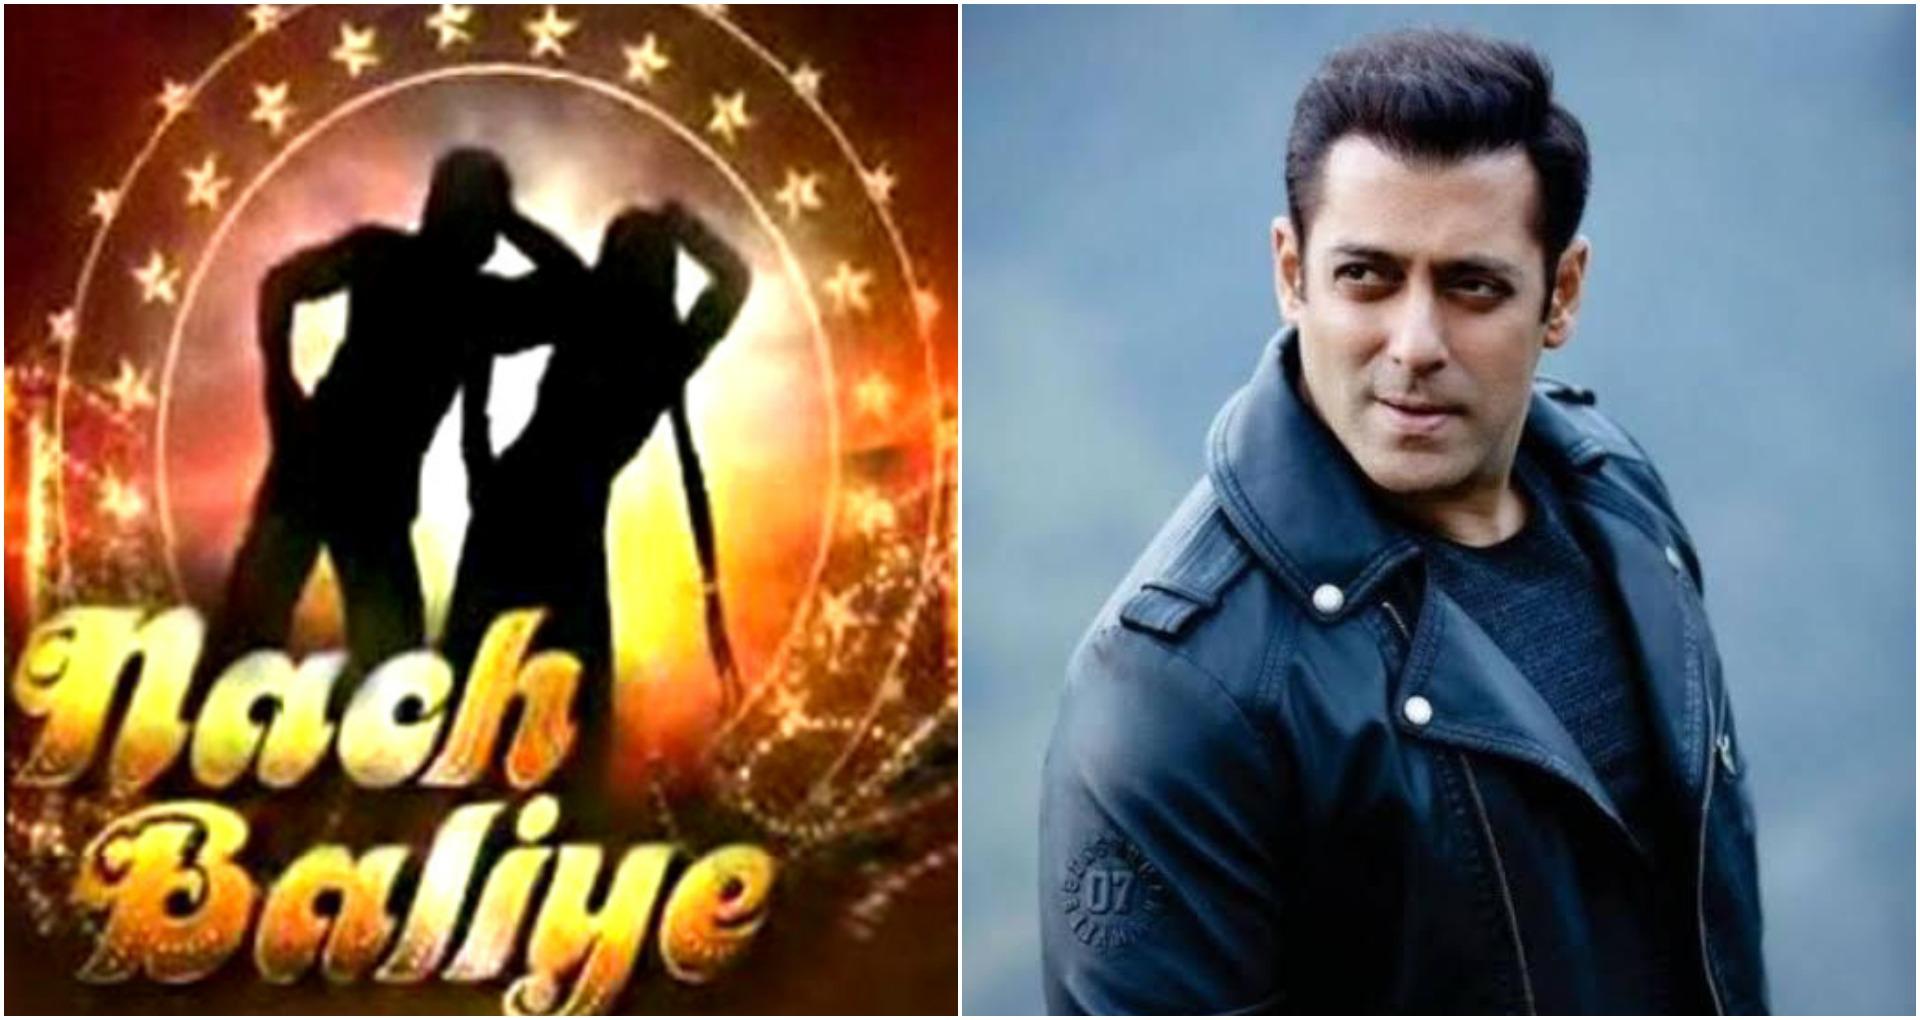 TRENDING NEWS: सलमान खान नच बलिये 9 में लेंगे अपनी इस एक्स गर्लफ्रेंड संग एंट्री, बंद होंगे कलर्स के ये दो शो